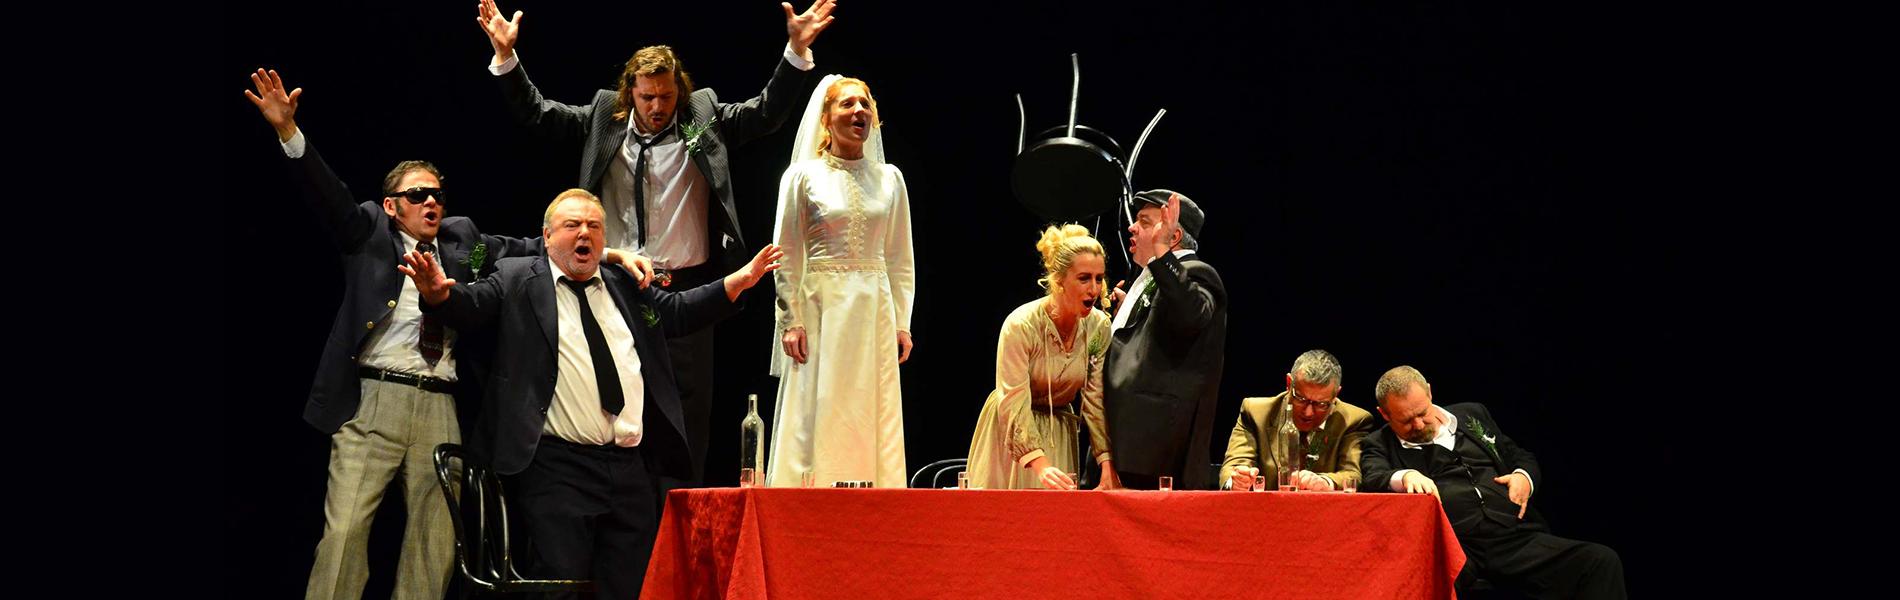 FOTO: Kazalište Komedija najavljuje 50. izvedbu predstave 'Bljesak zlatnog zuba'